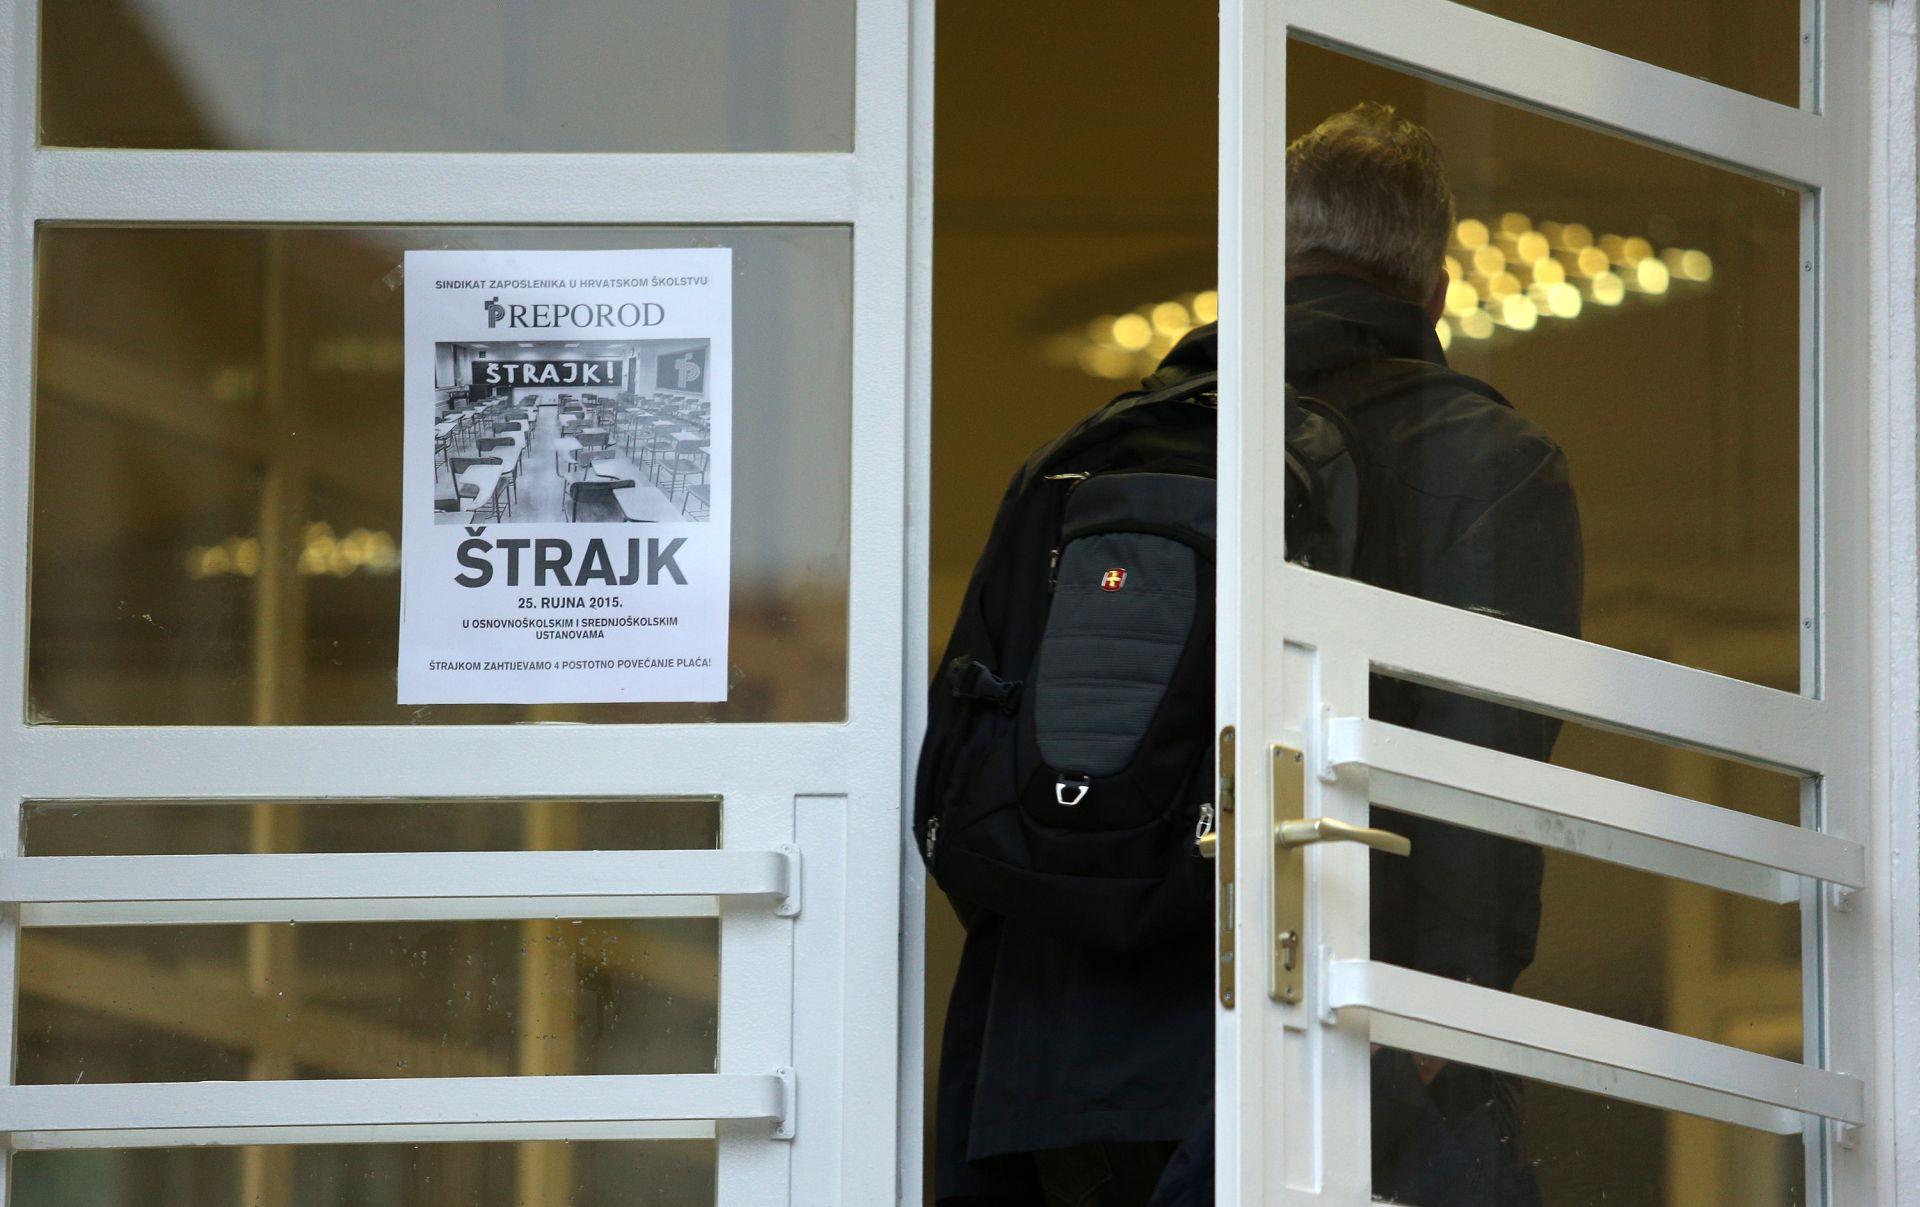 Nastavlja se štrajk u školama, poslijepodne novi pregovori